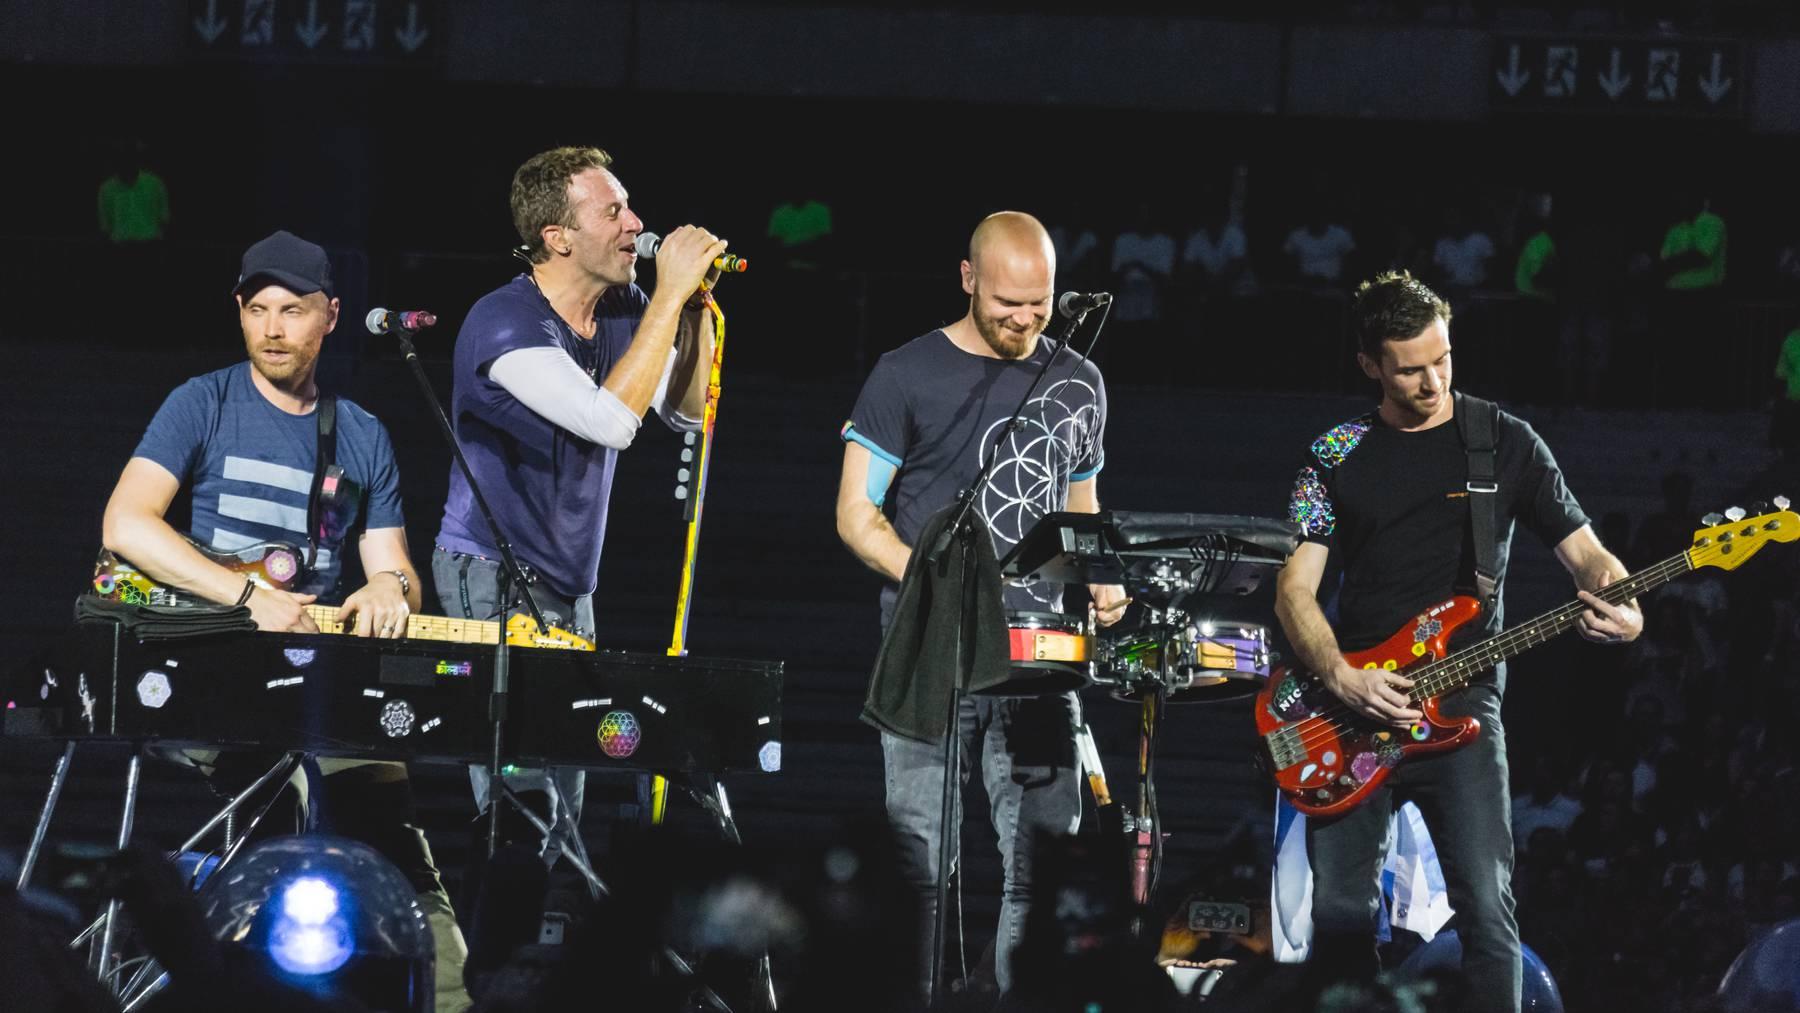 Kein Song Doppelt: Mit Coldplay 500 Franken geholt